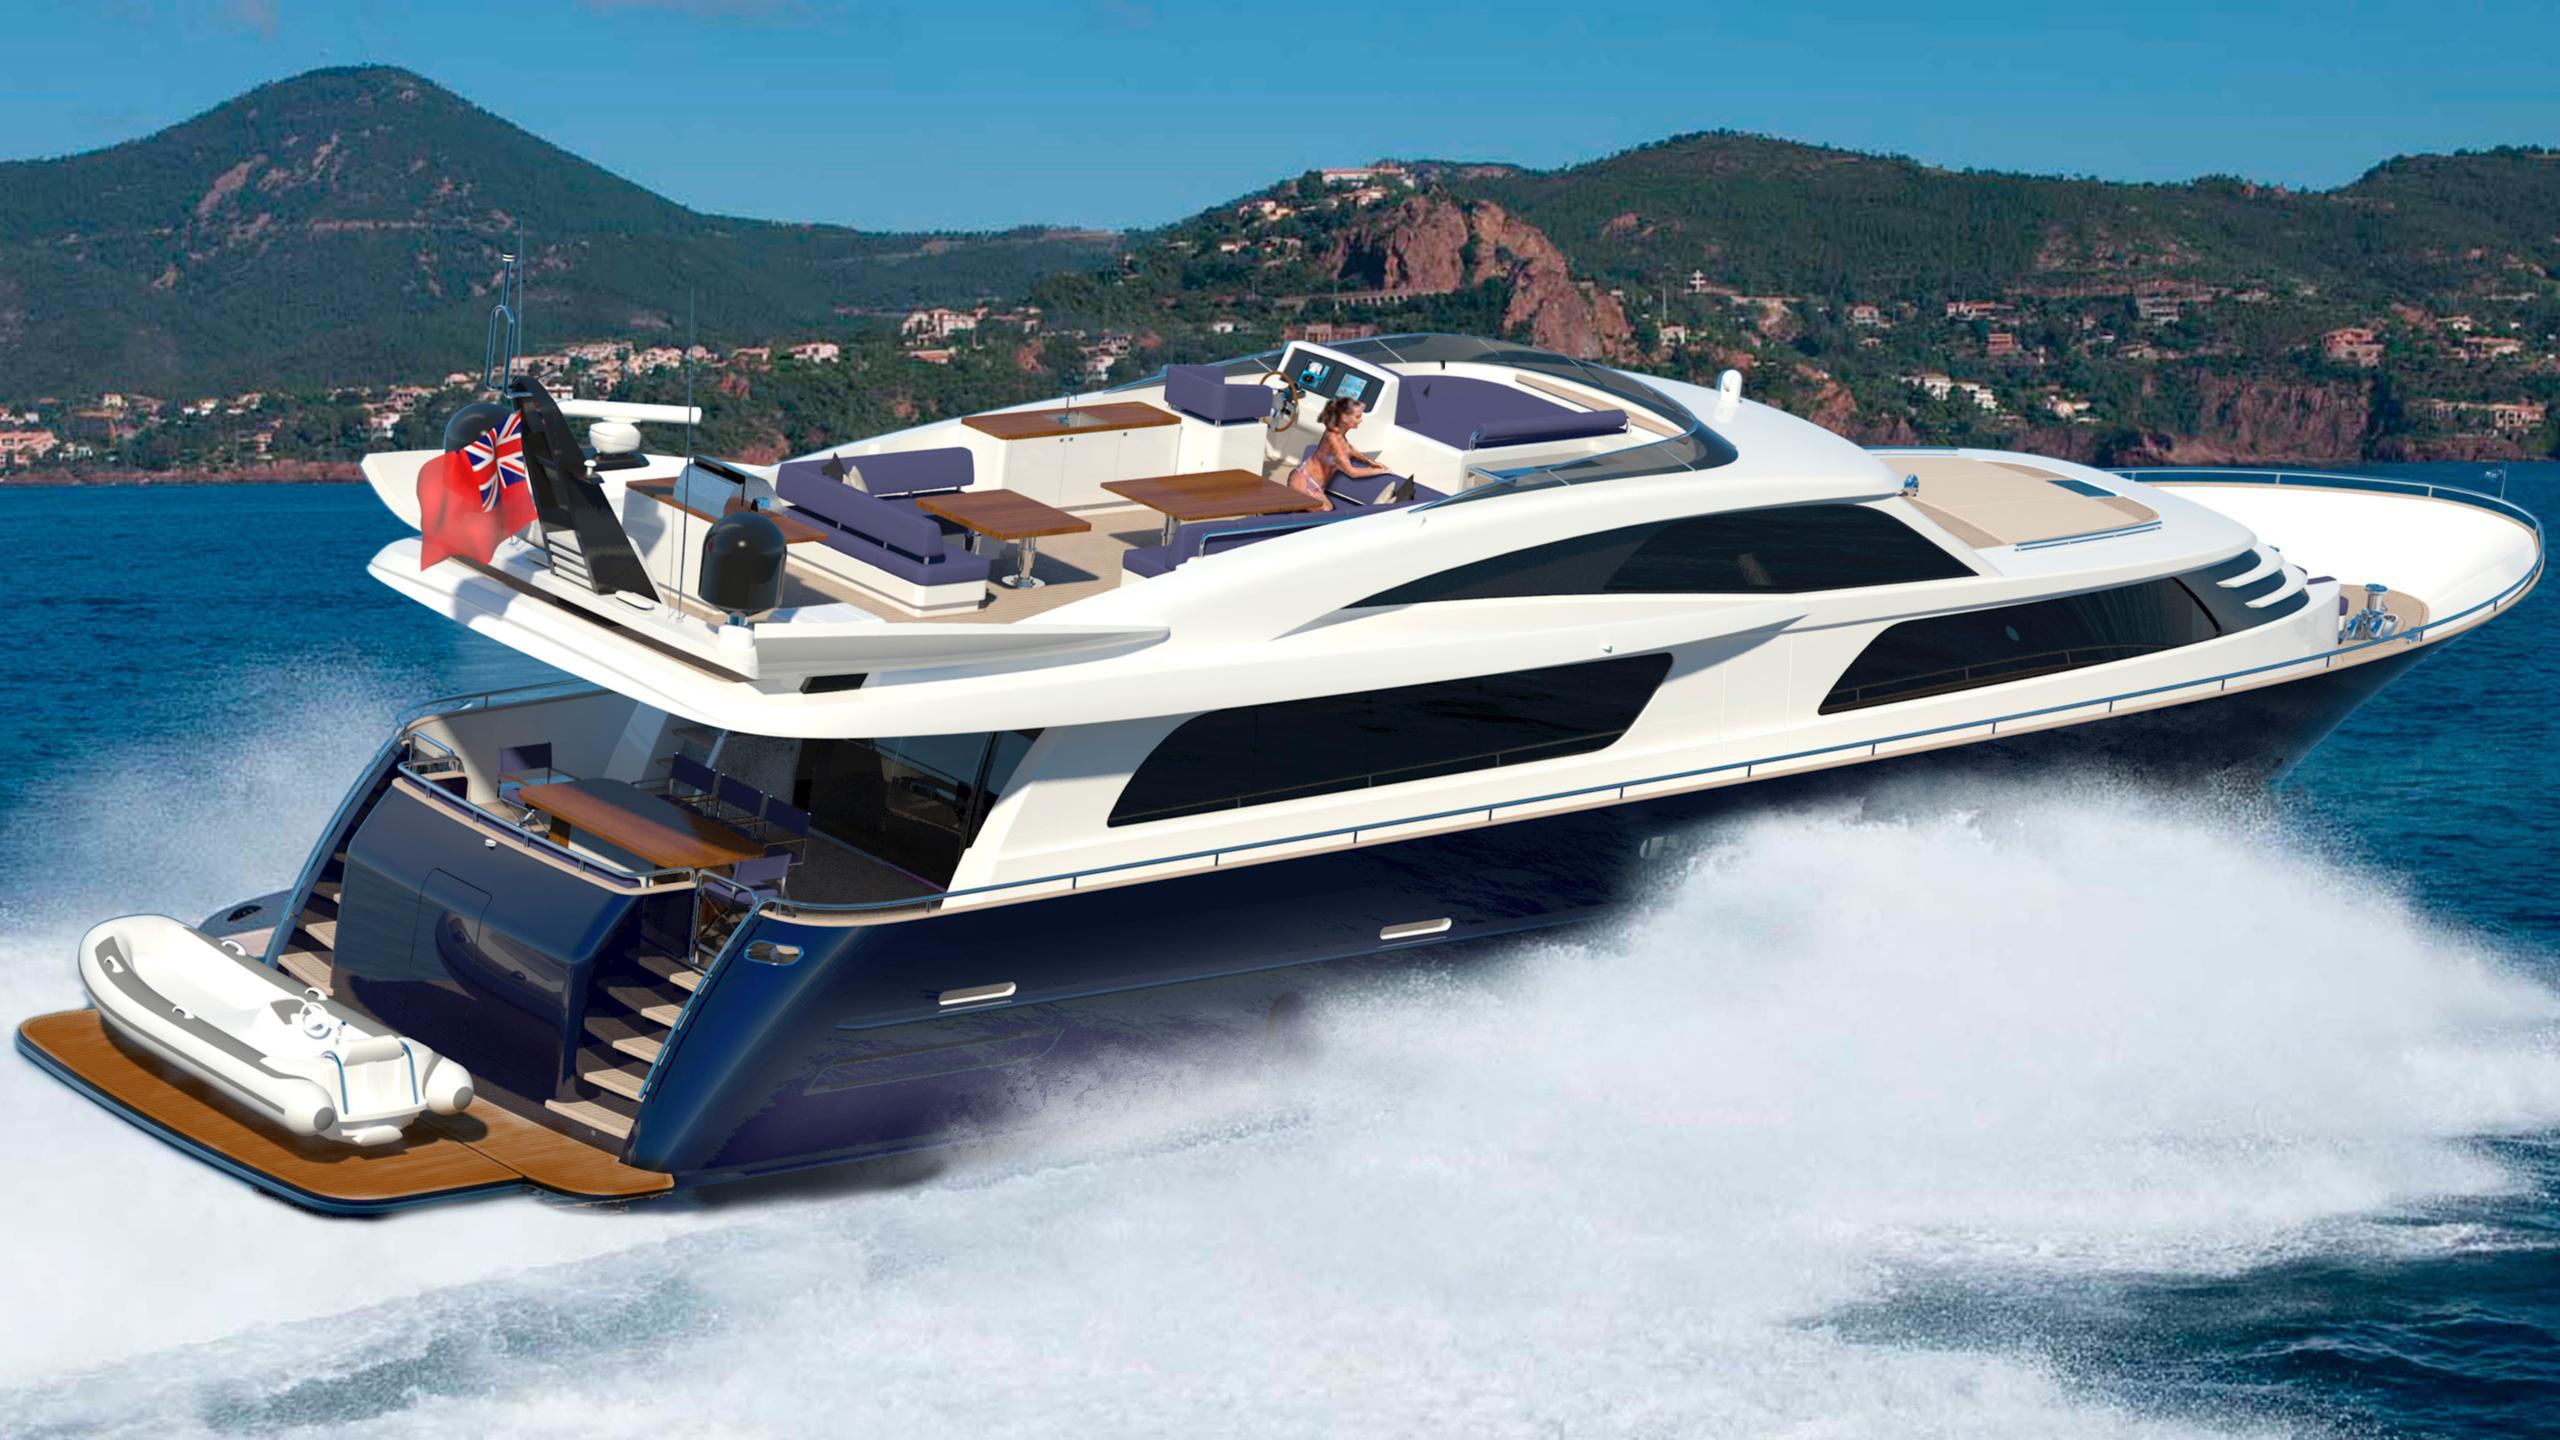 continental-three-03-van-der-valk-2016-26m-rendering-cruising-half-profile-stern